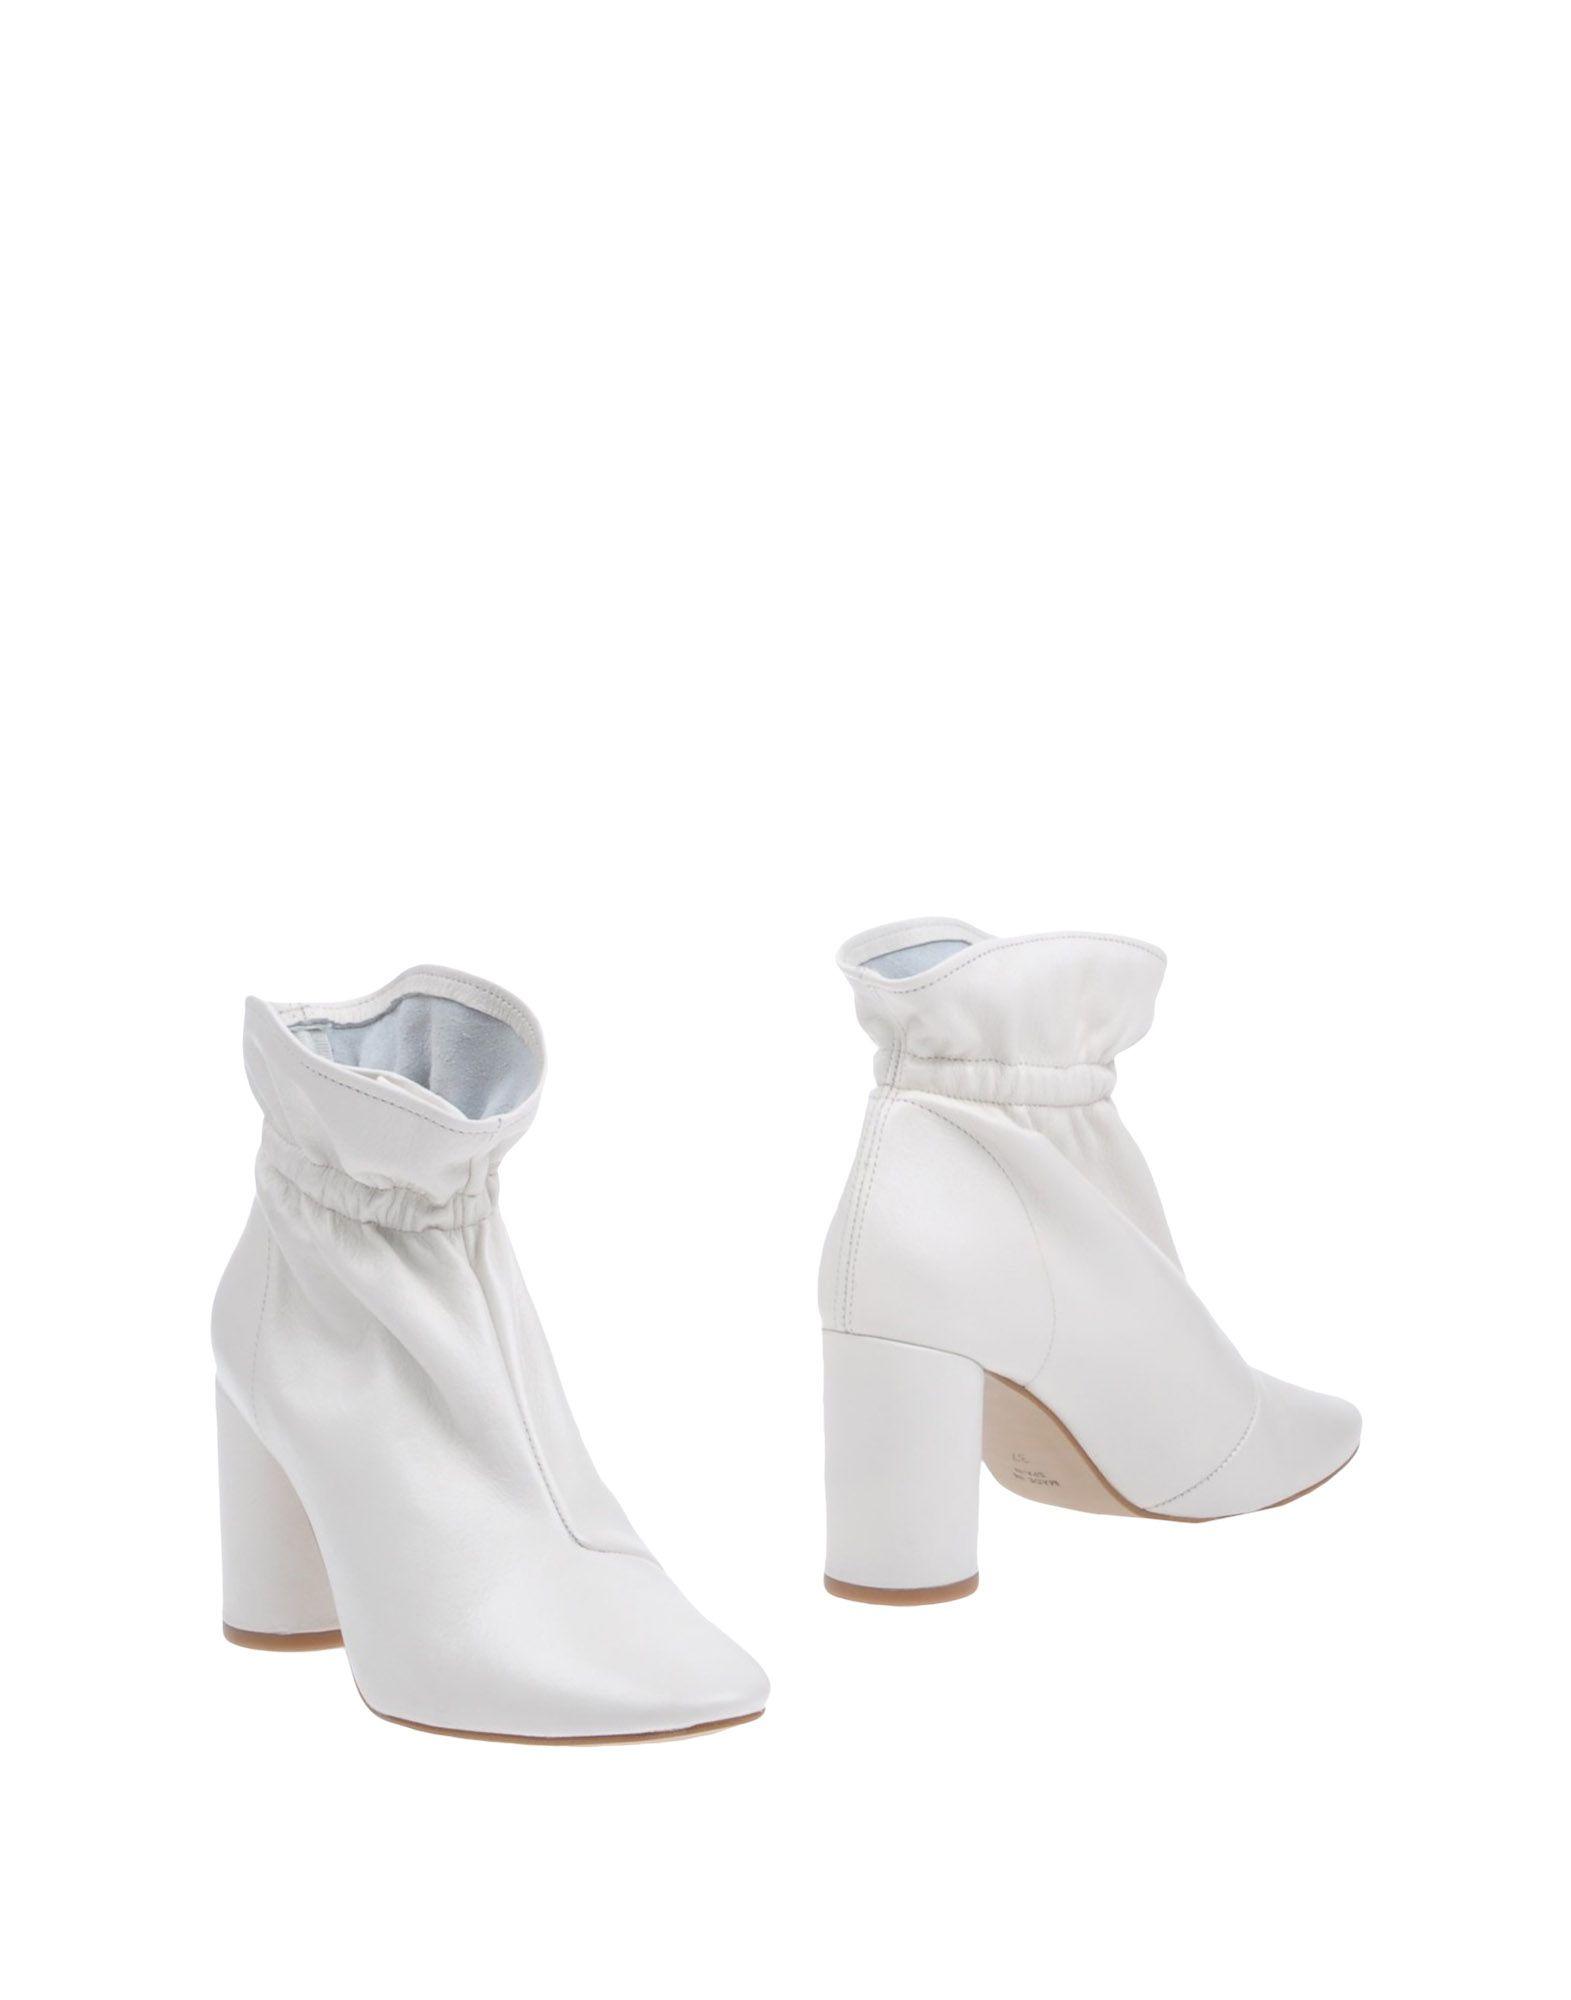 Cross Walk Ankle Walk Boot - Women Cross Walk Ankle Ankle Boots online on  Australia - 11313193HJ 212337